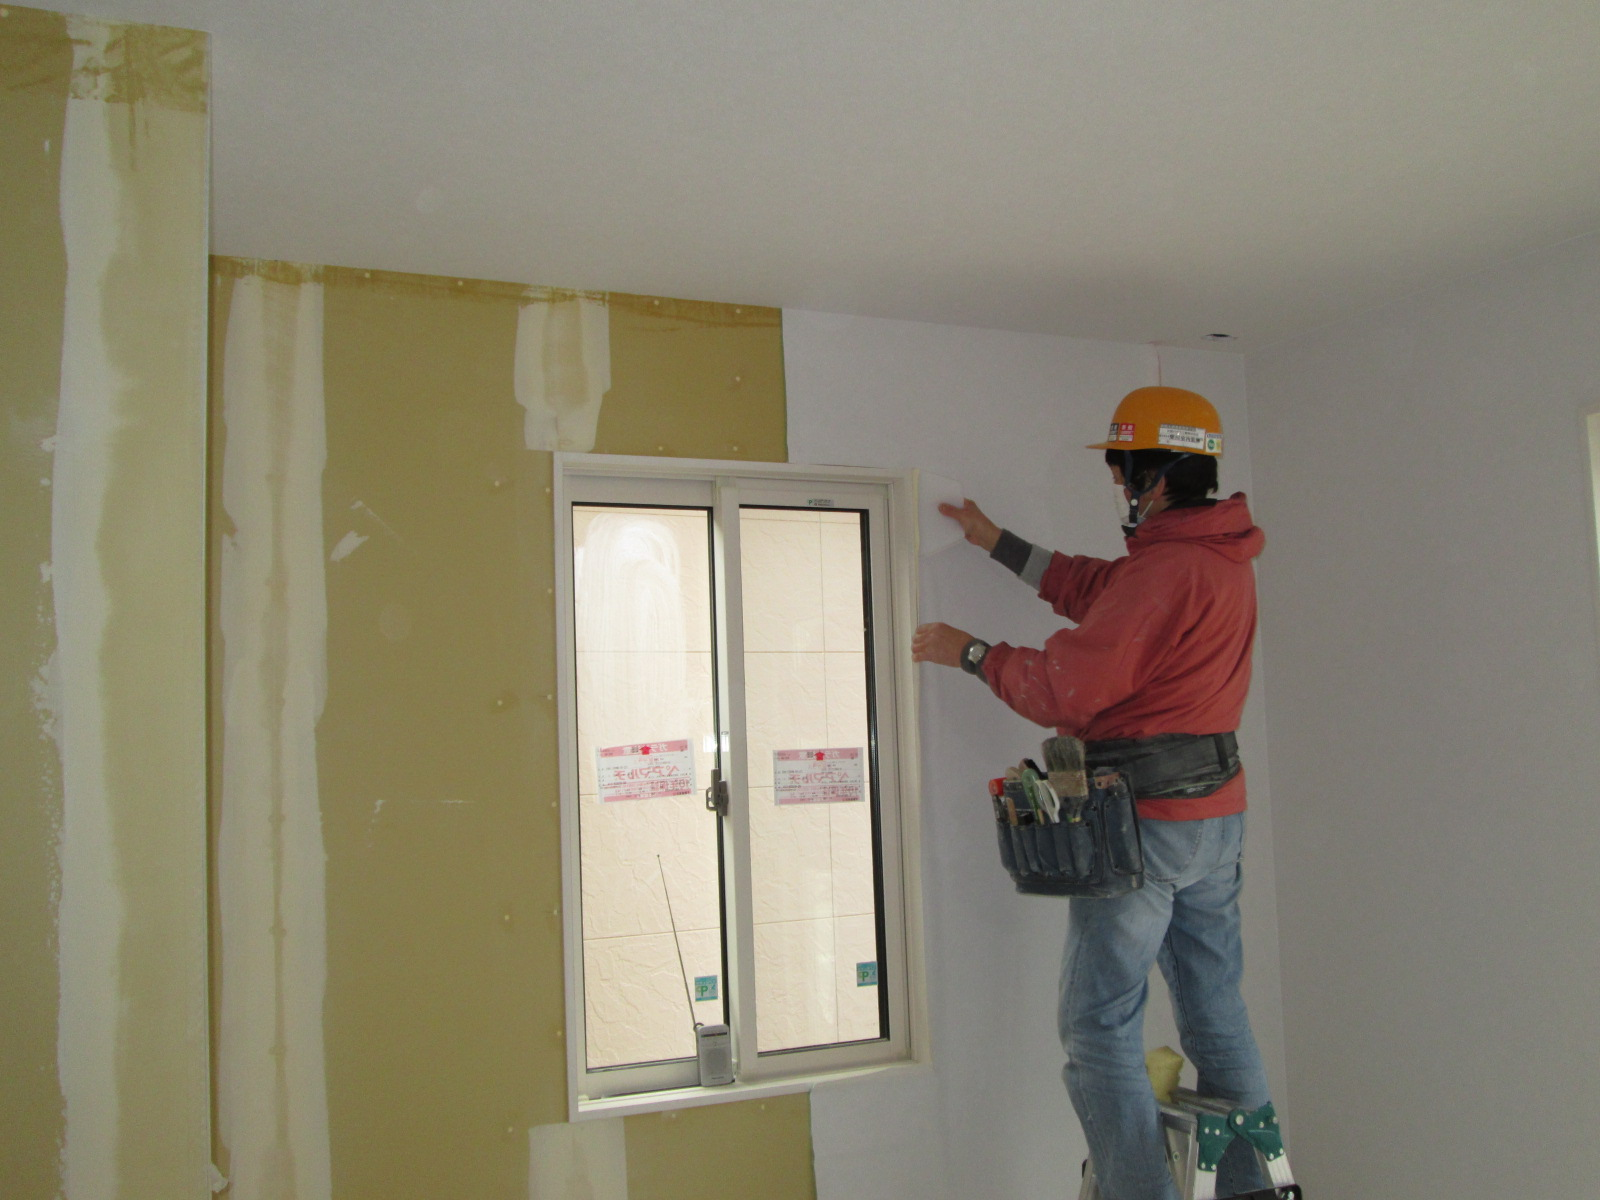 壁装クロス工事のイメージ画像